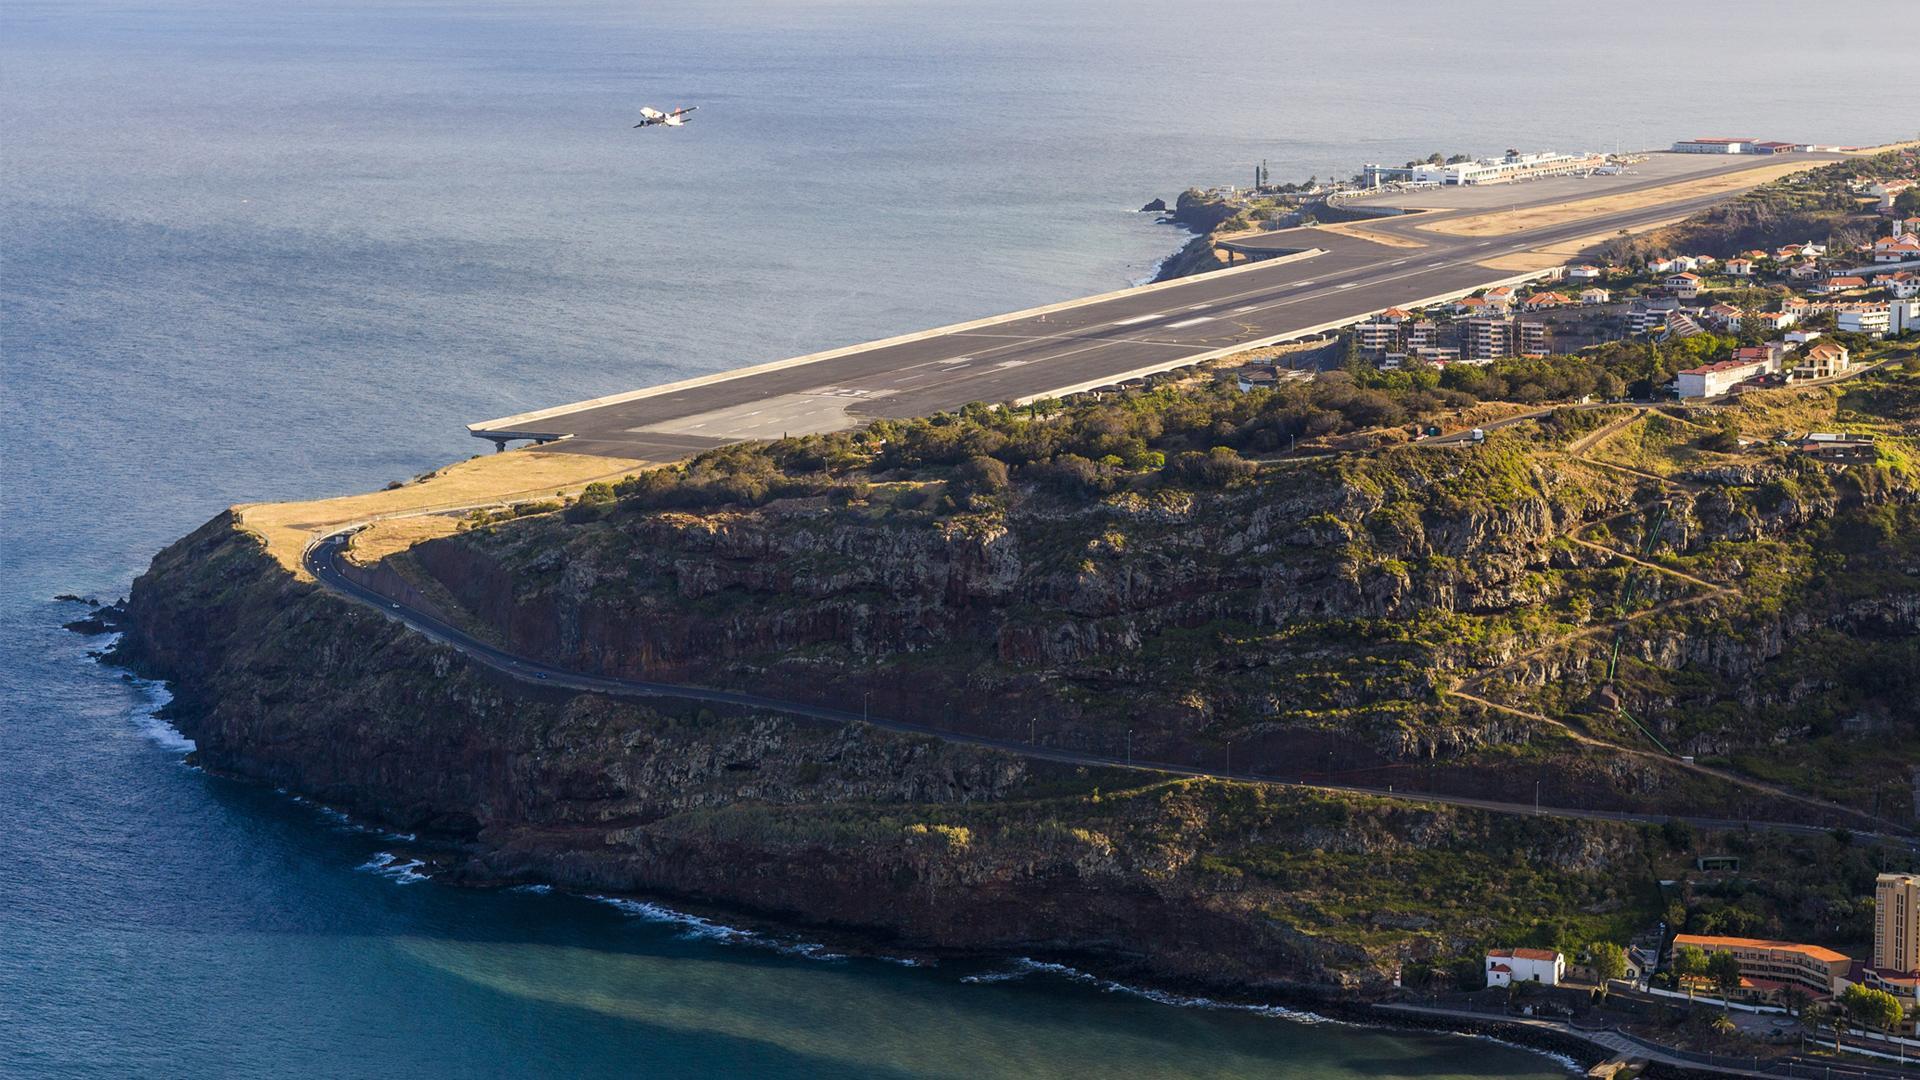 El aeropuerto portugués que fue renombrado como Cristiano Ronaldo